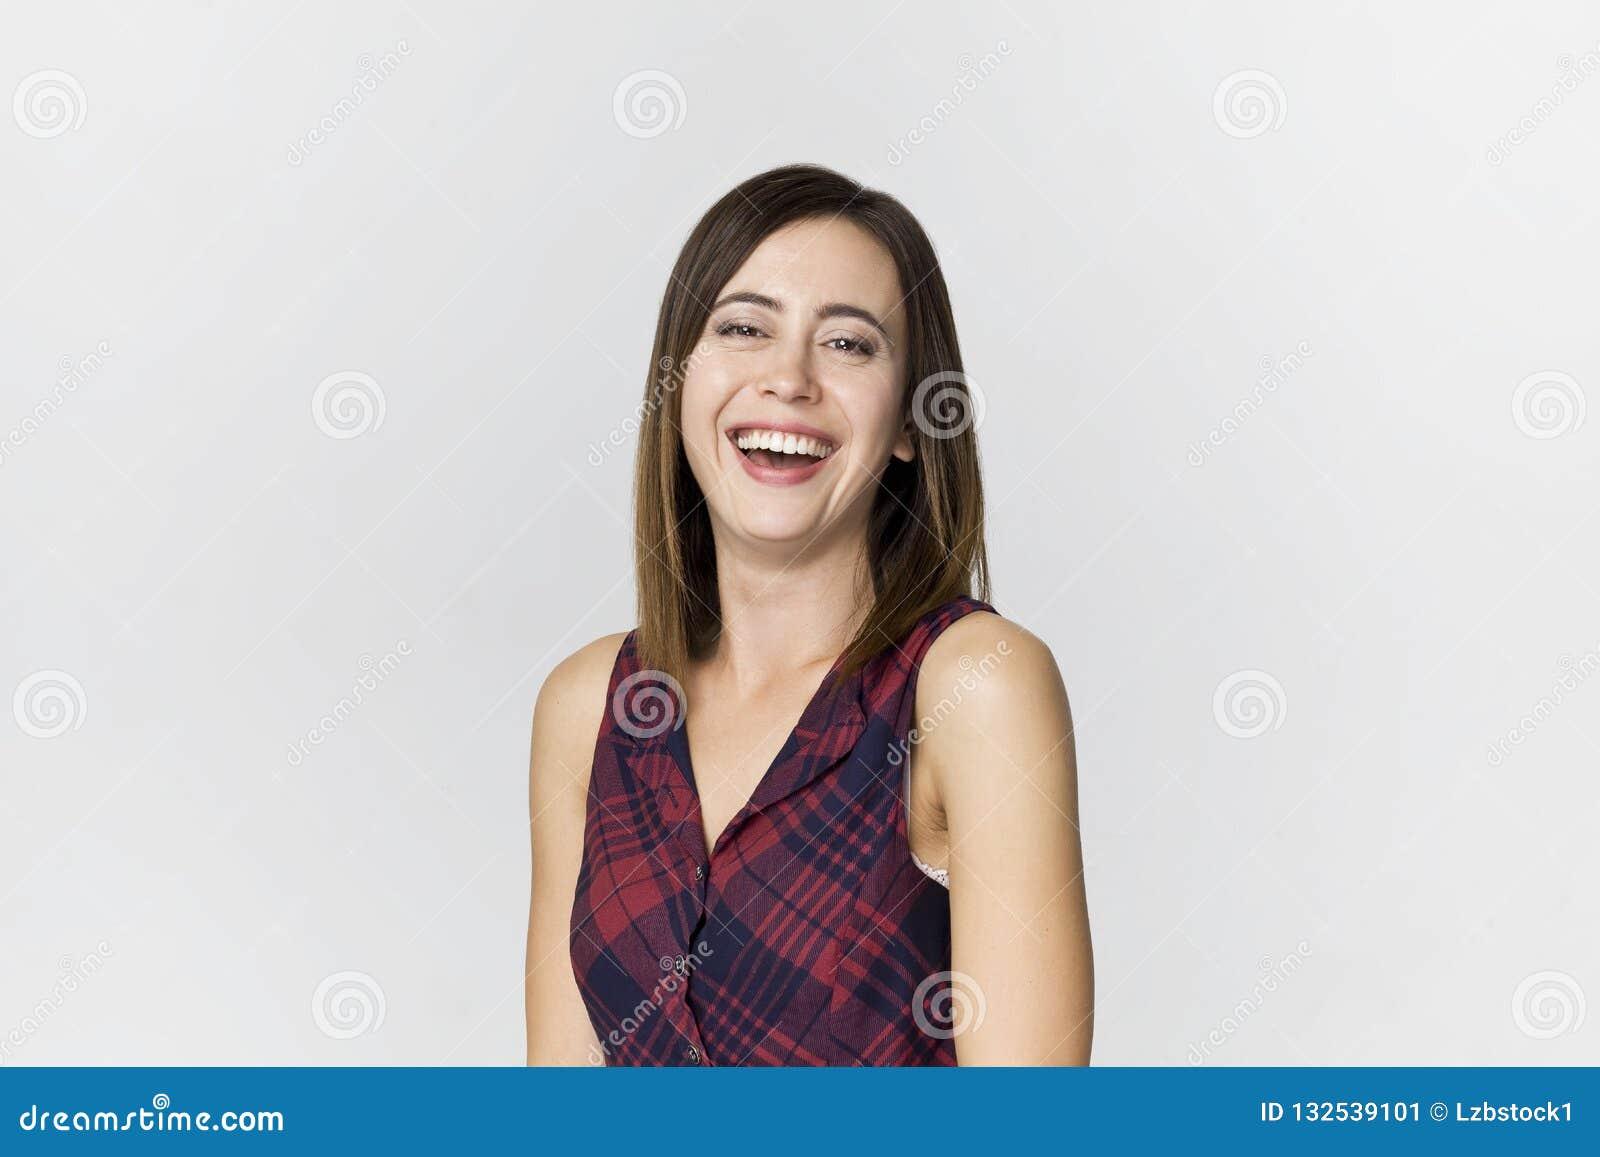 Uśmiechnięta pozytywna kobieta z atrakcyjnym spojrzeniem, będący ubranym kolorową suknię, pozuje przeciw białej pustej ścianie